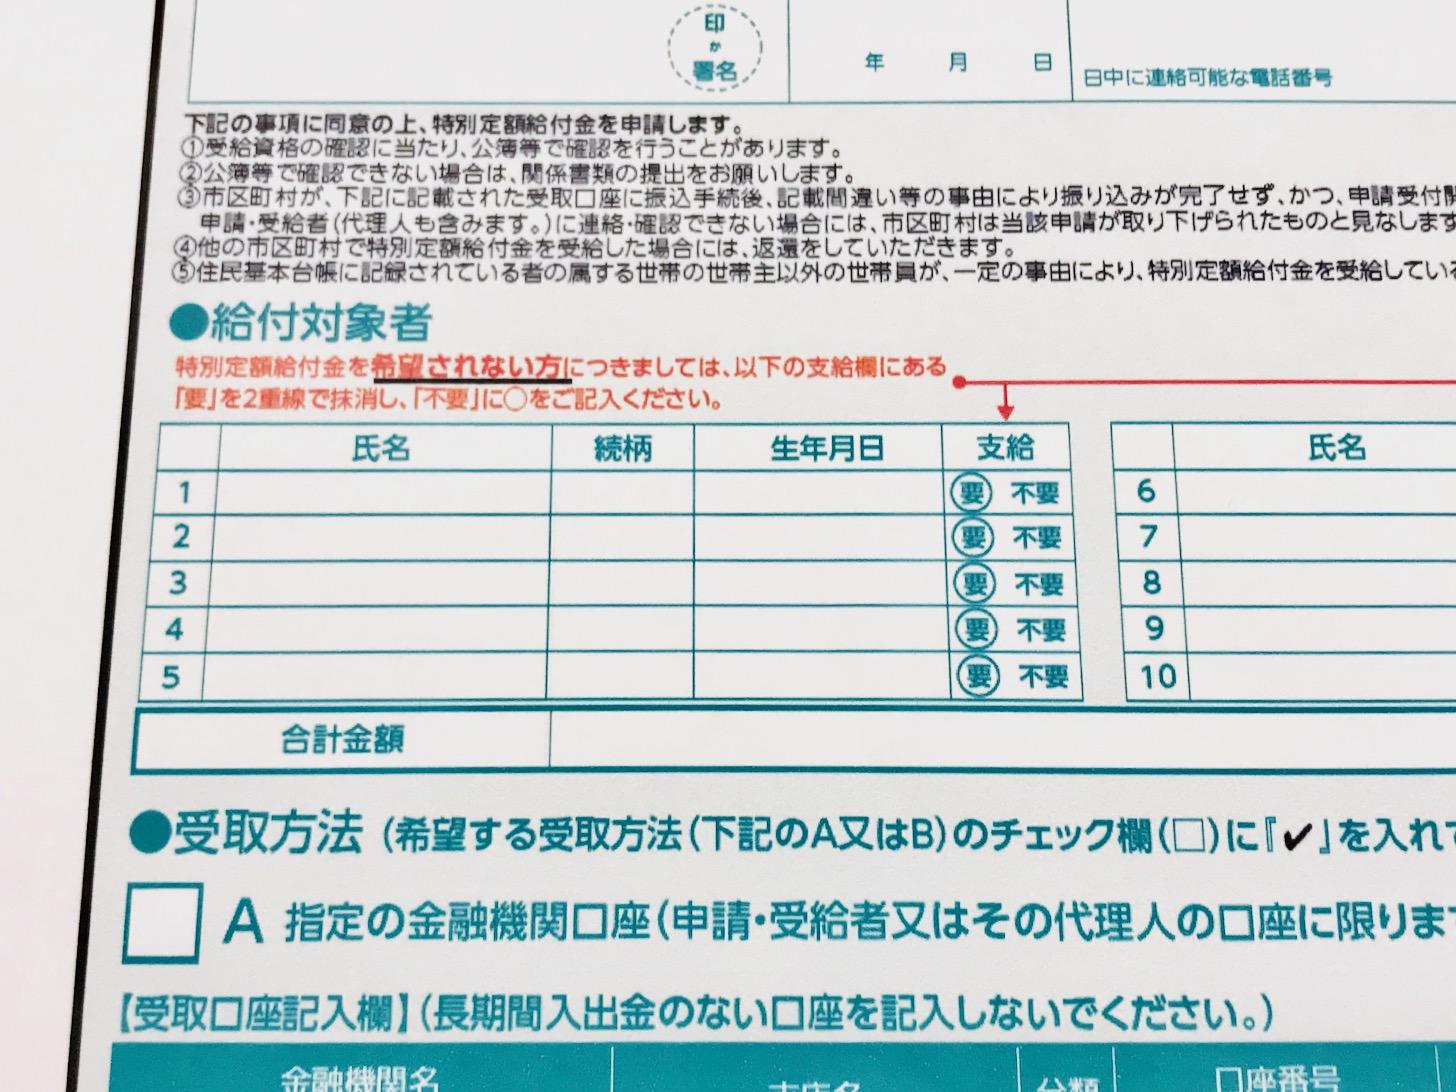 多摩市オリジナルの特別定額給付金申請書